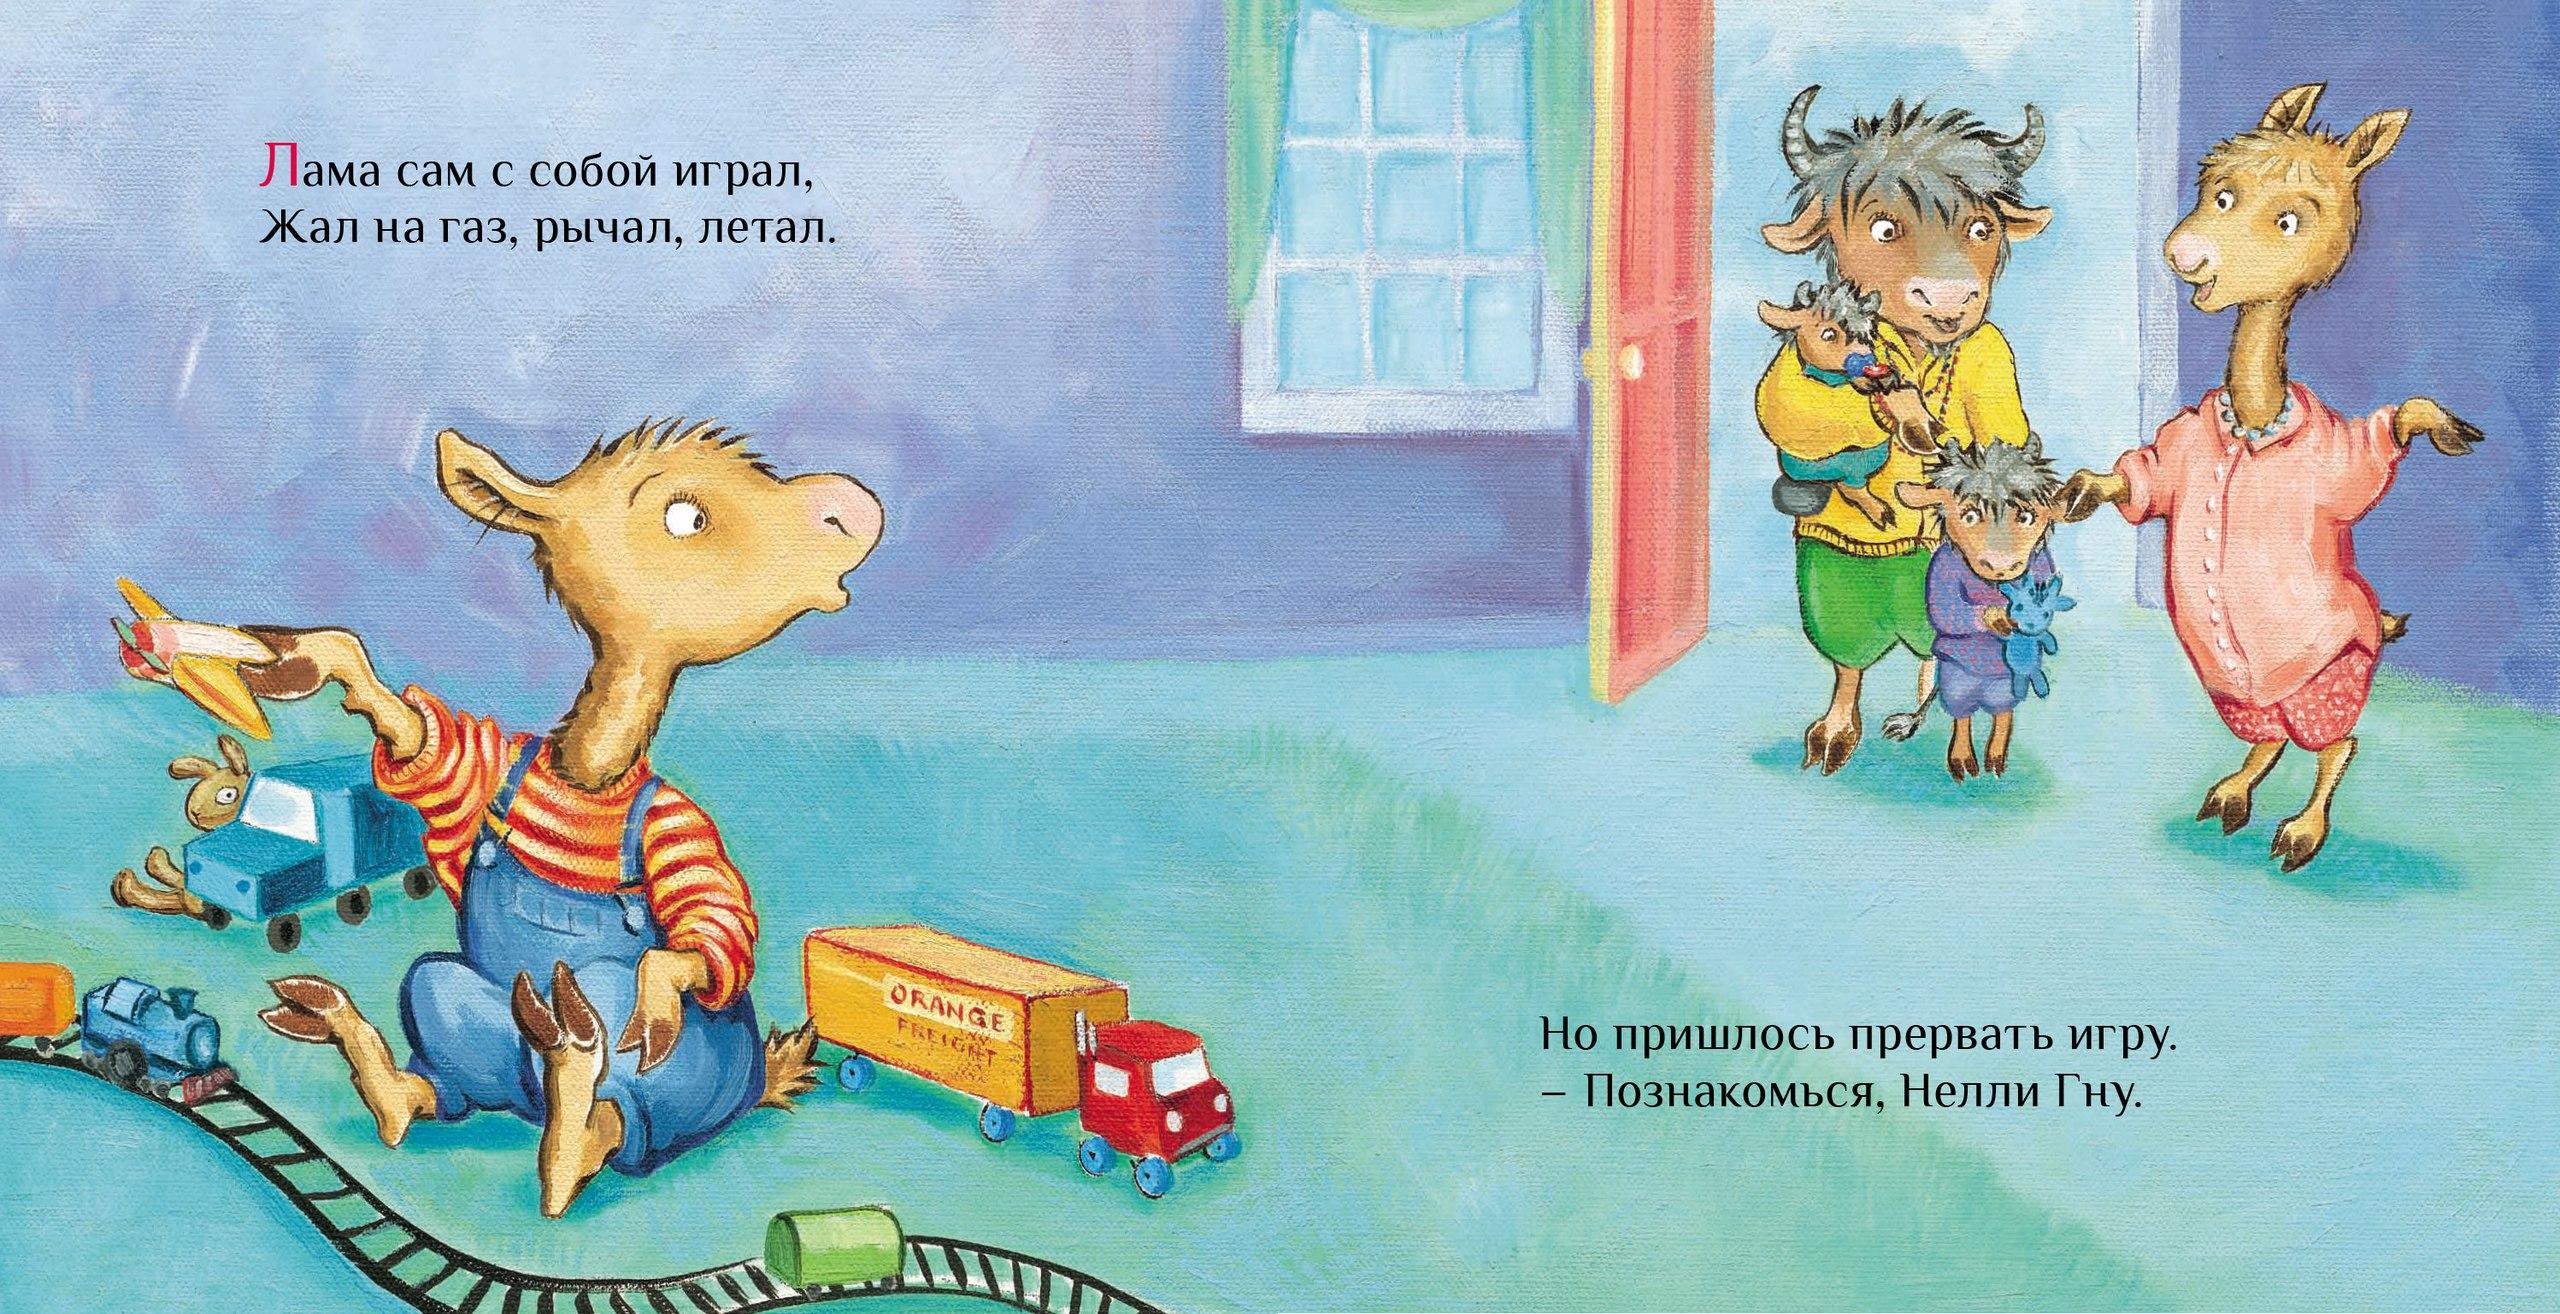 Новая книга про Ламу - Лама учится делиться